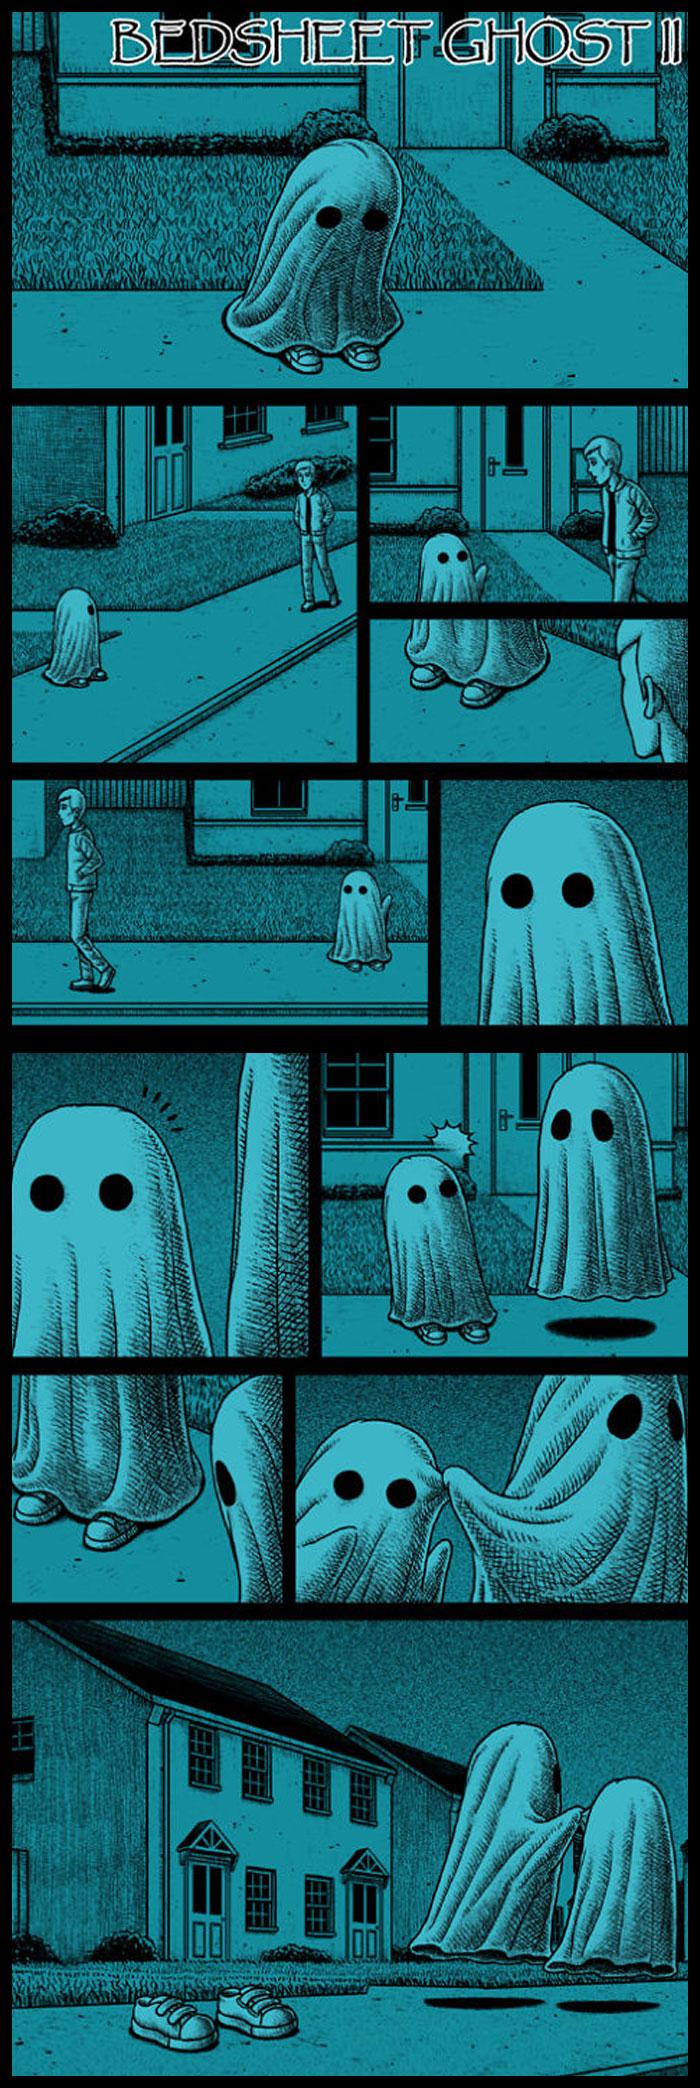 Bedsheet Ghost 2